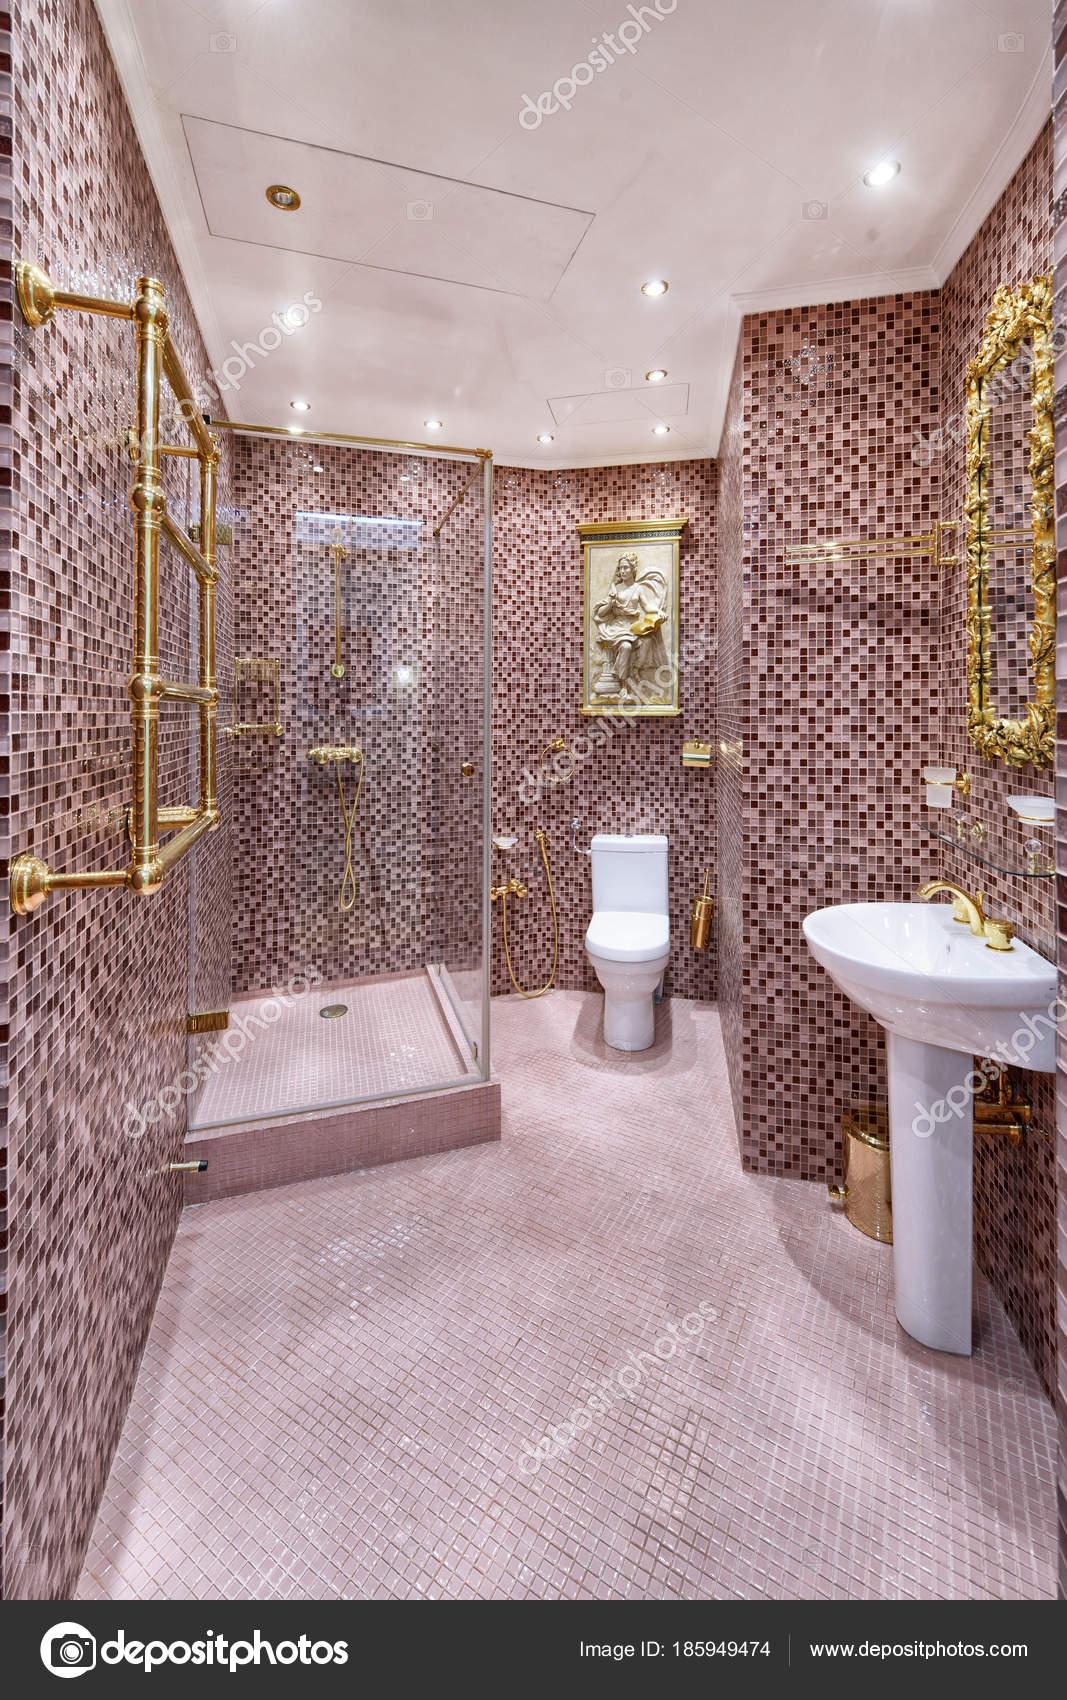 Maison luxe salle bains design int rieur photographie ovchinnikovfoto 185949474 for Design interieur salle de bain